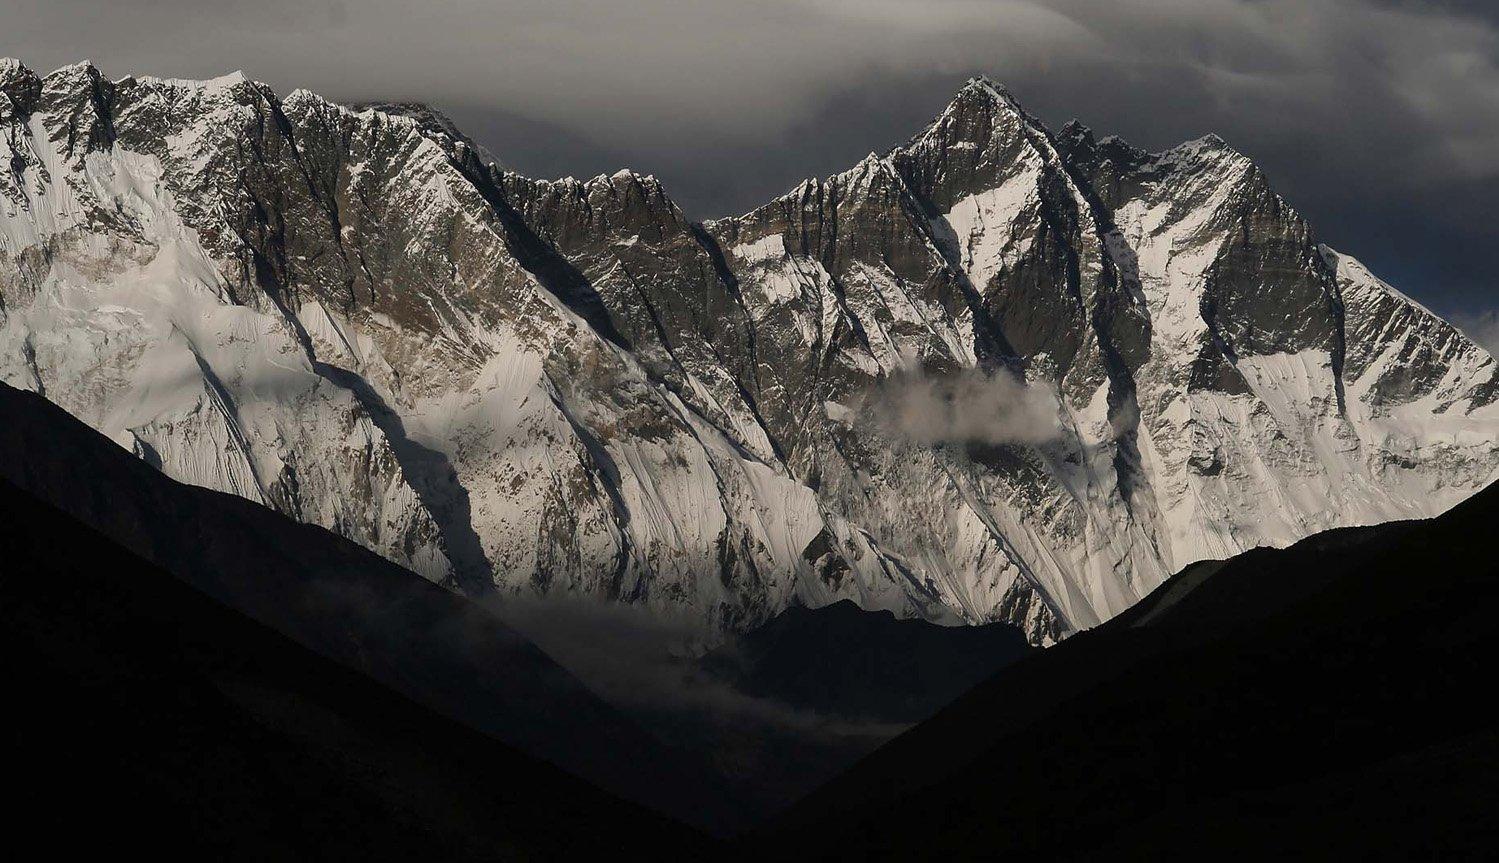 Ispenjao 3 najviše planine svjeta